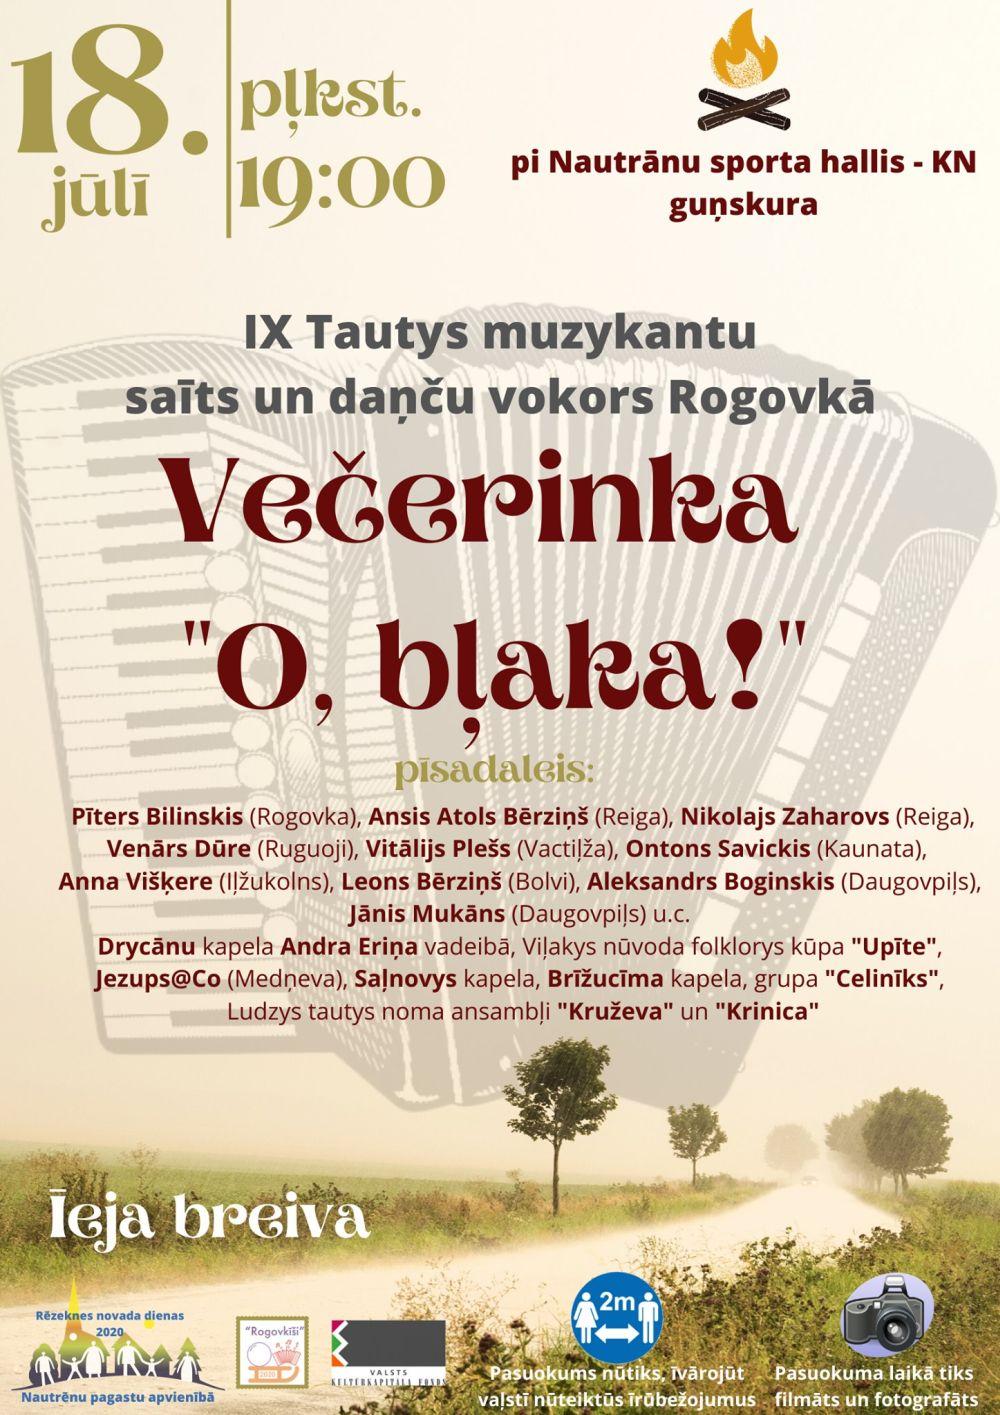 """Večerinka """"O, bļaka!"""" @ Rogovka"""